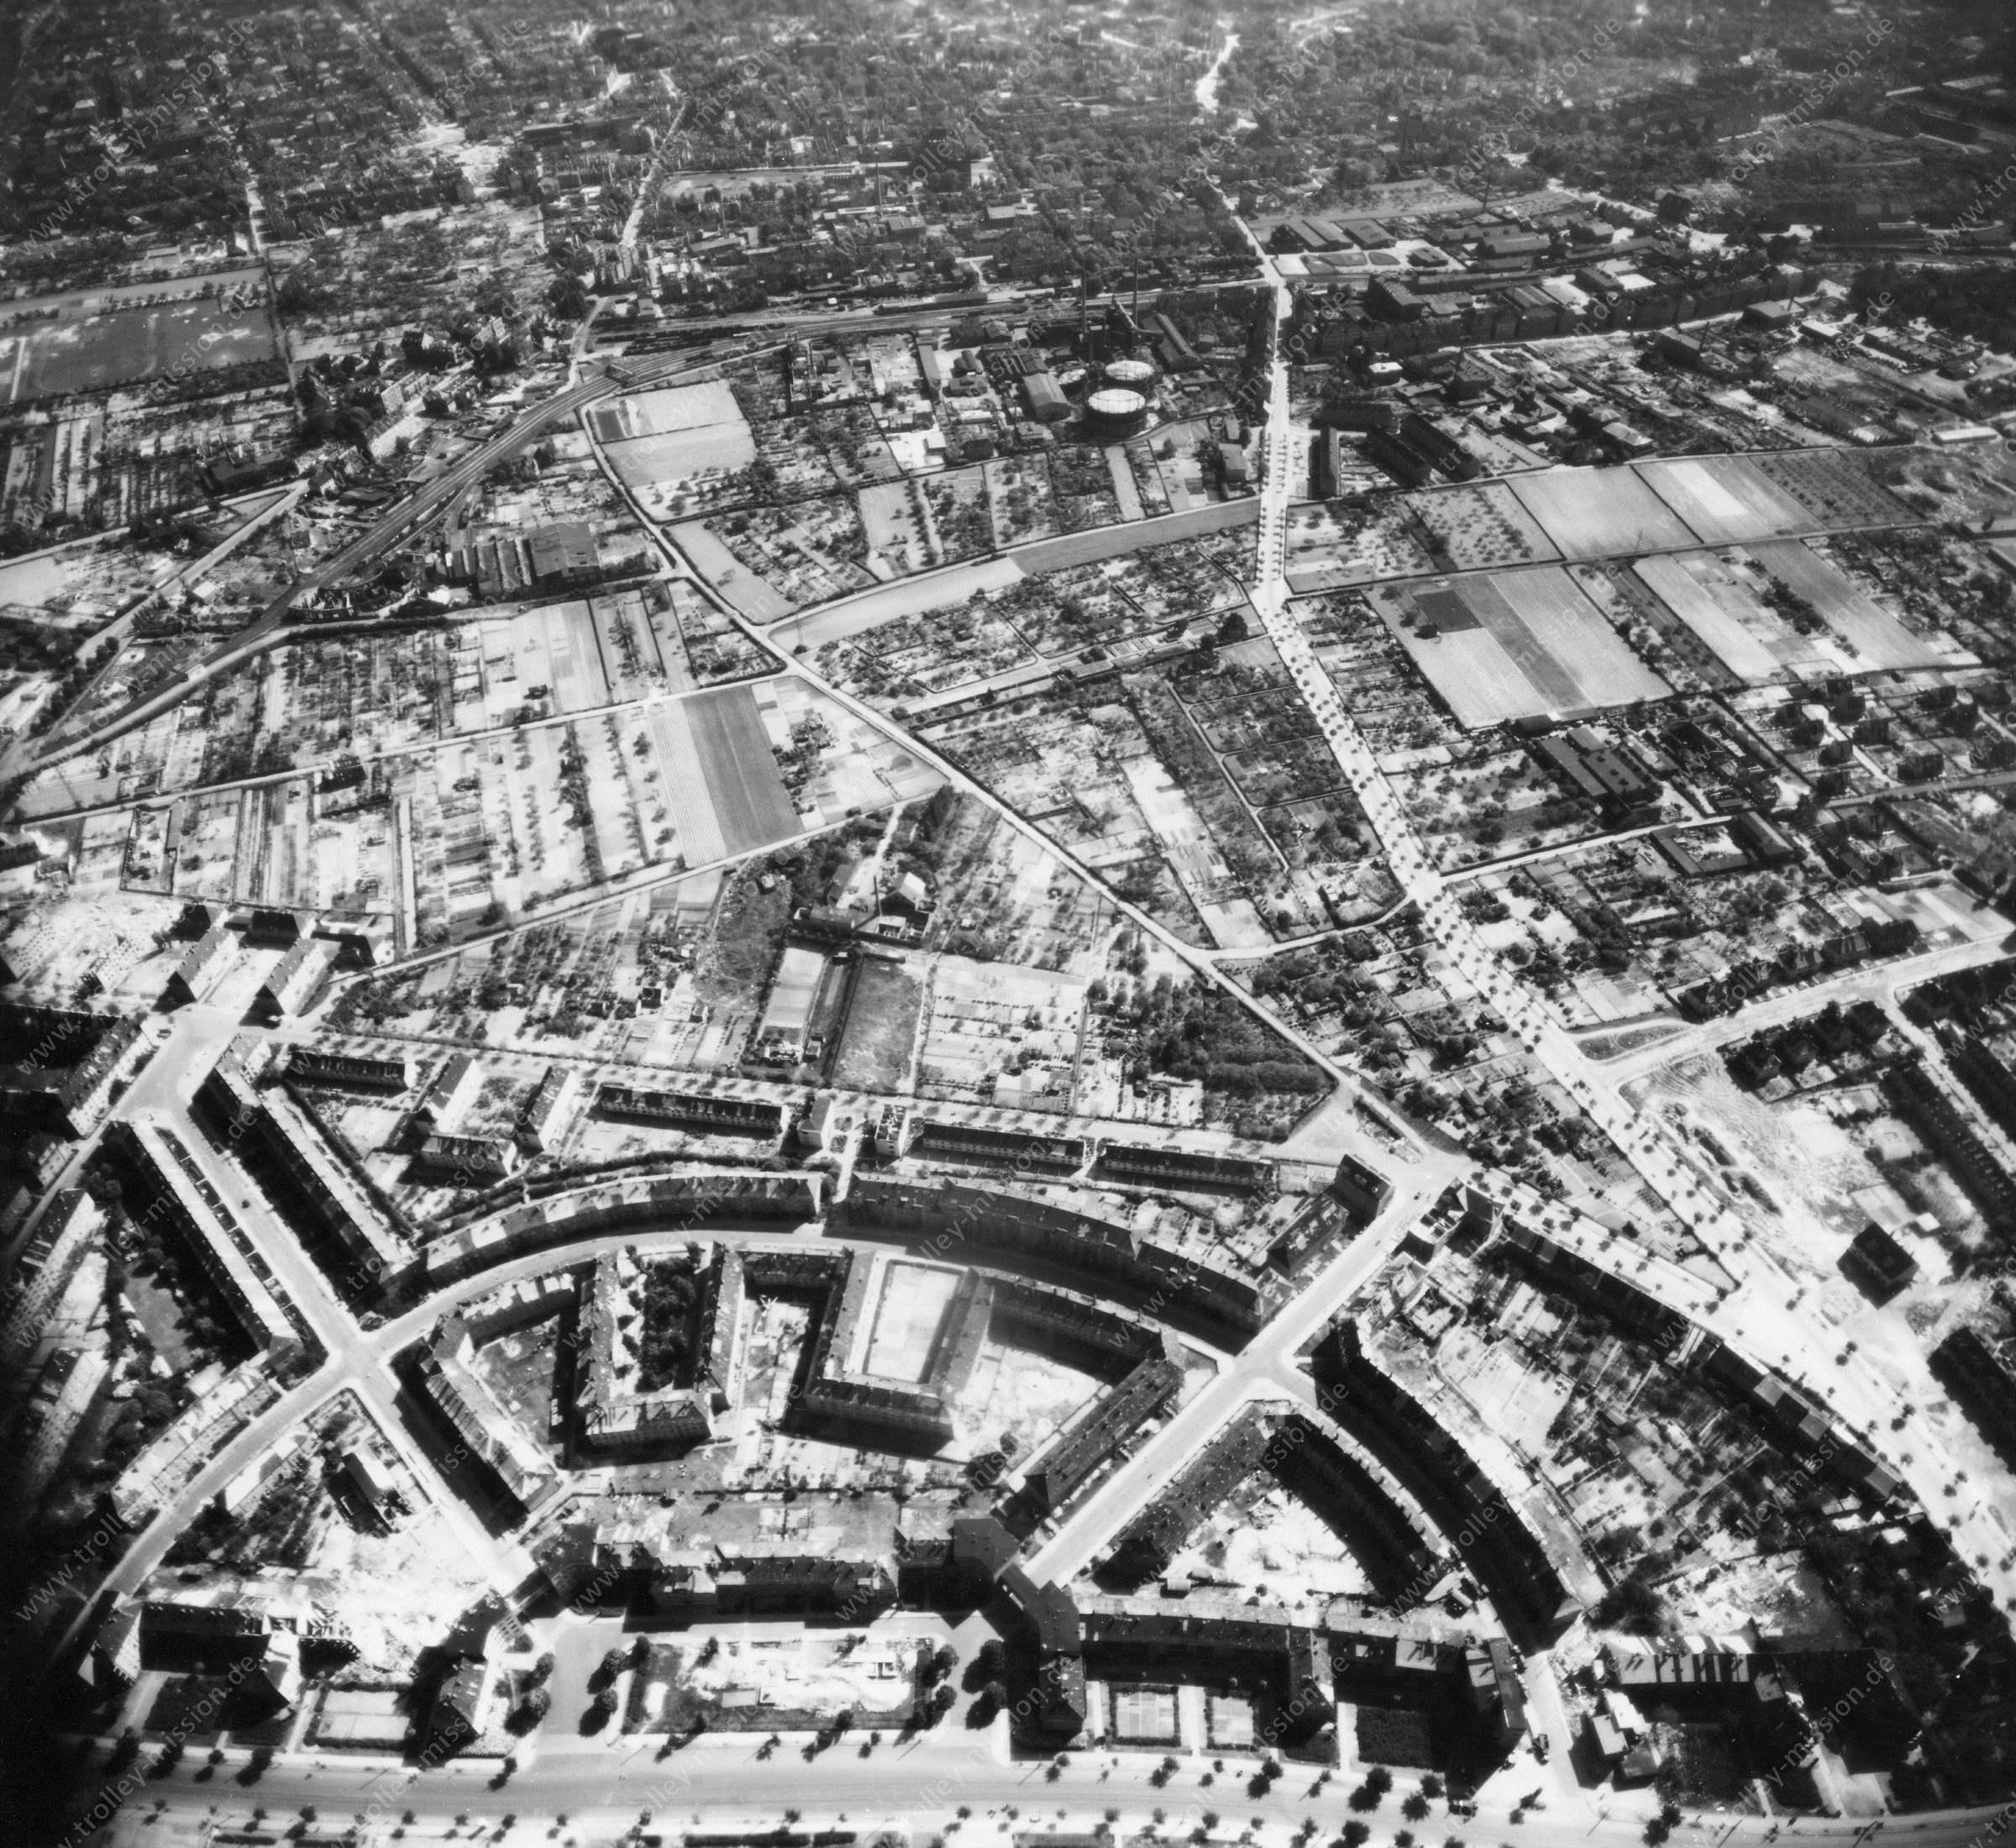 Luftbild von Braunschweig am 12. Mai 1945 - Luftbildserie 3/11 der US Air Force